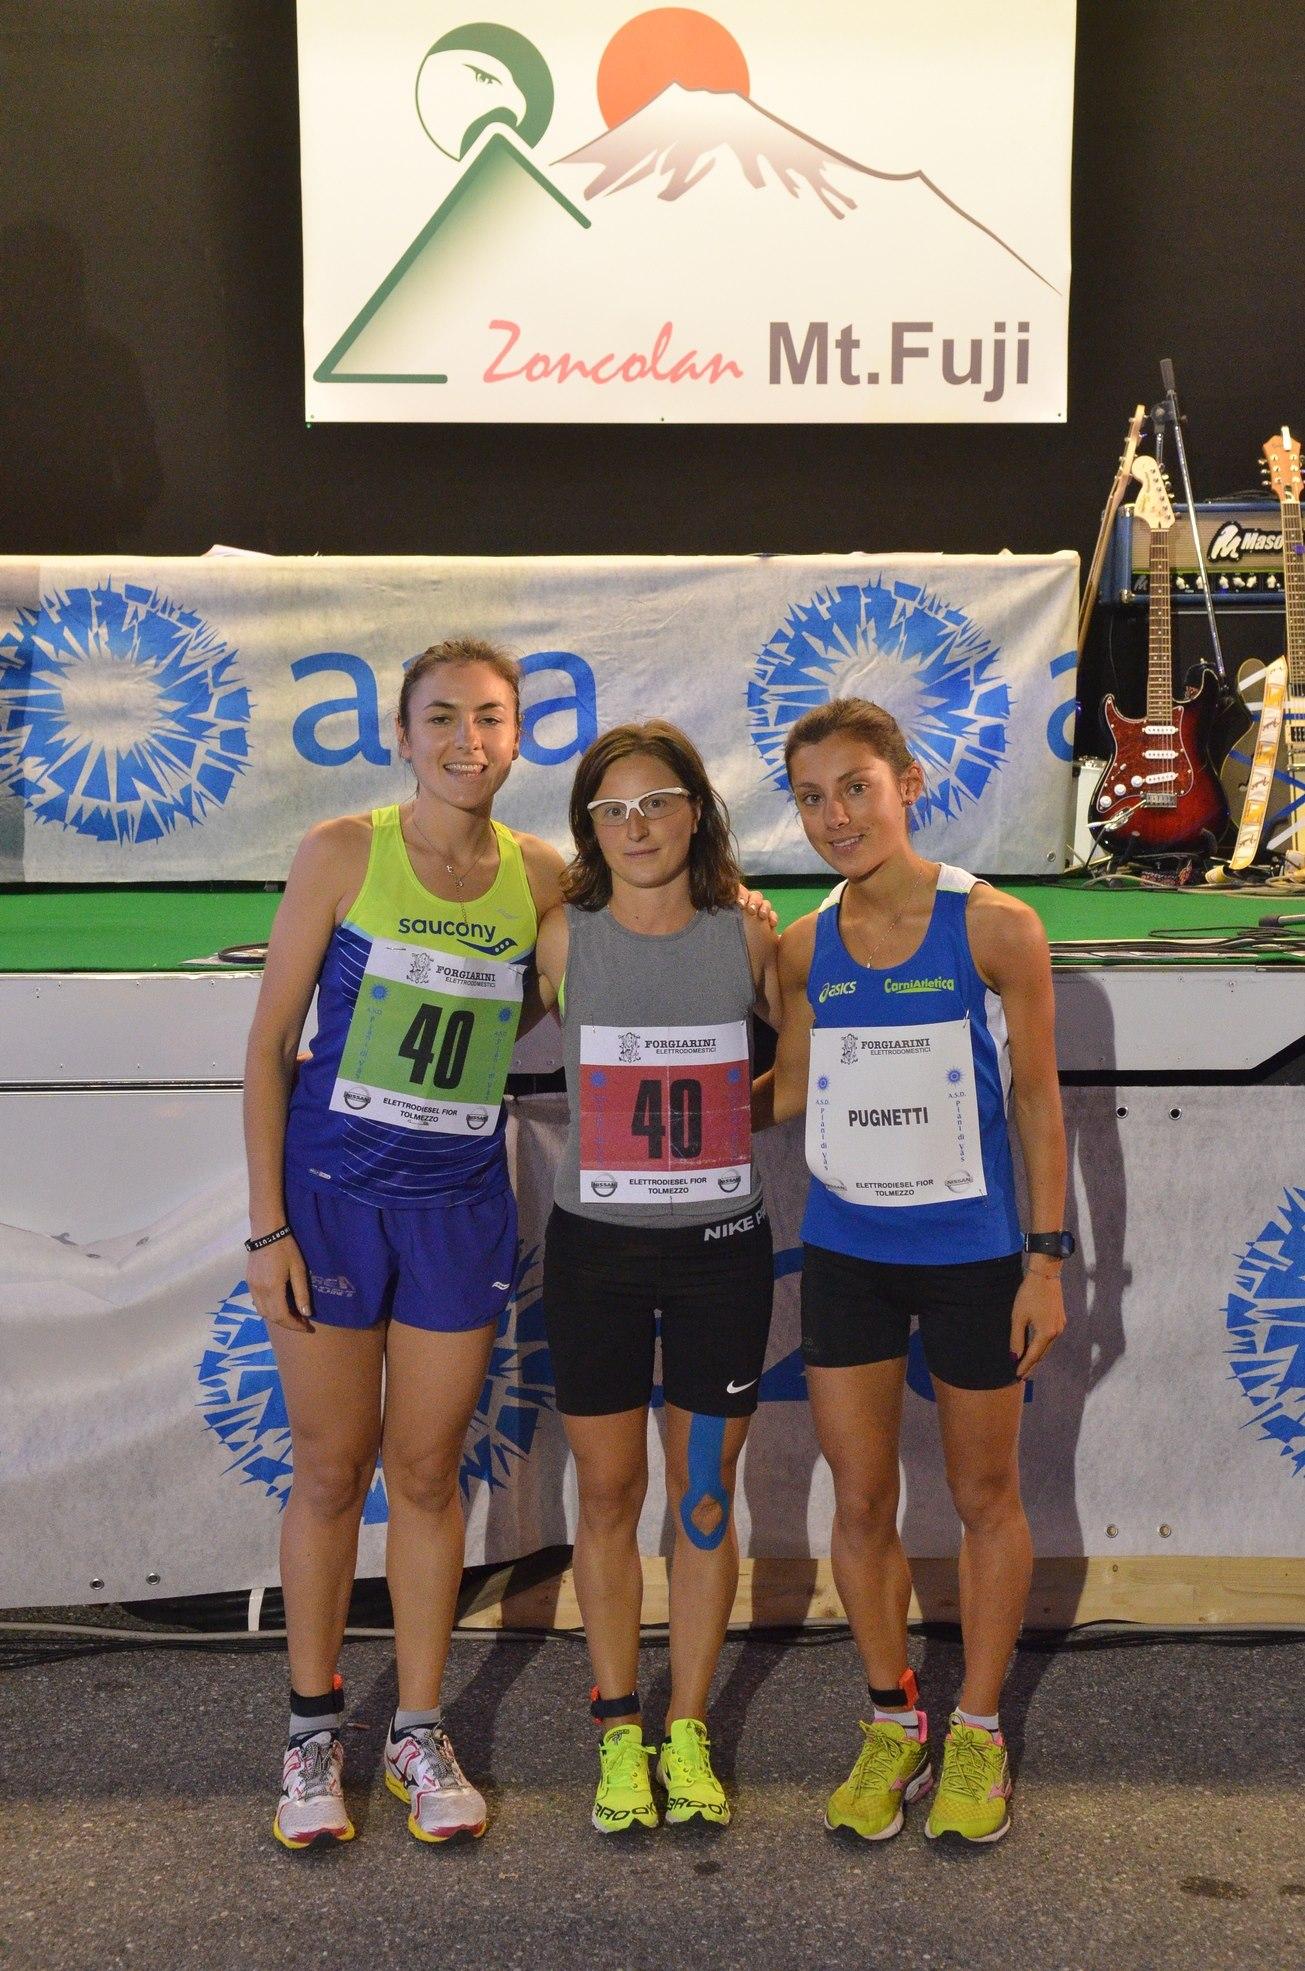 Carnia classic run 2016